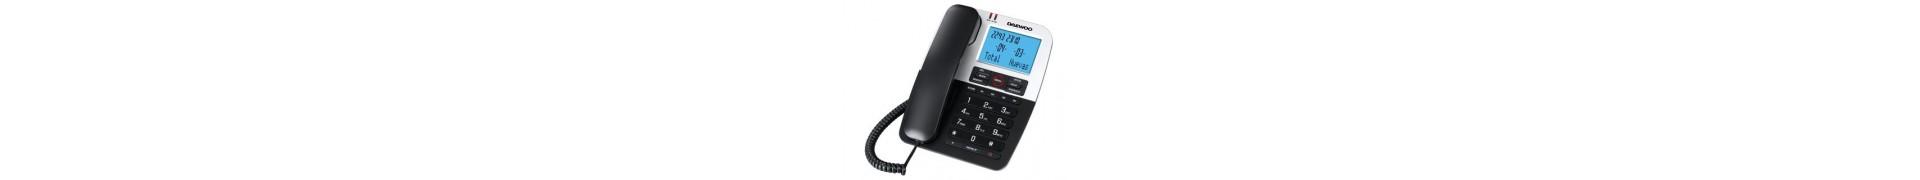 Teléfonos/grabadoras